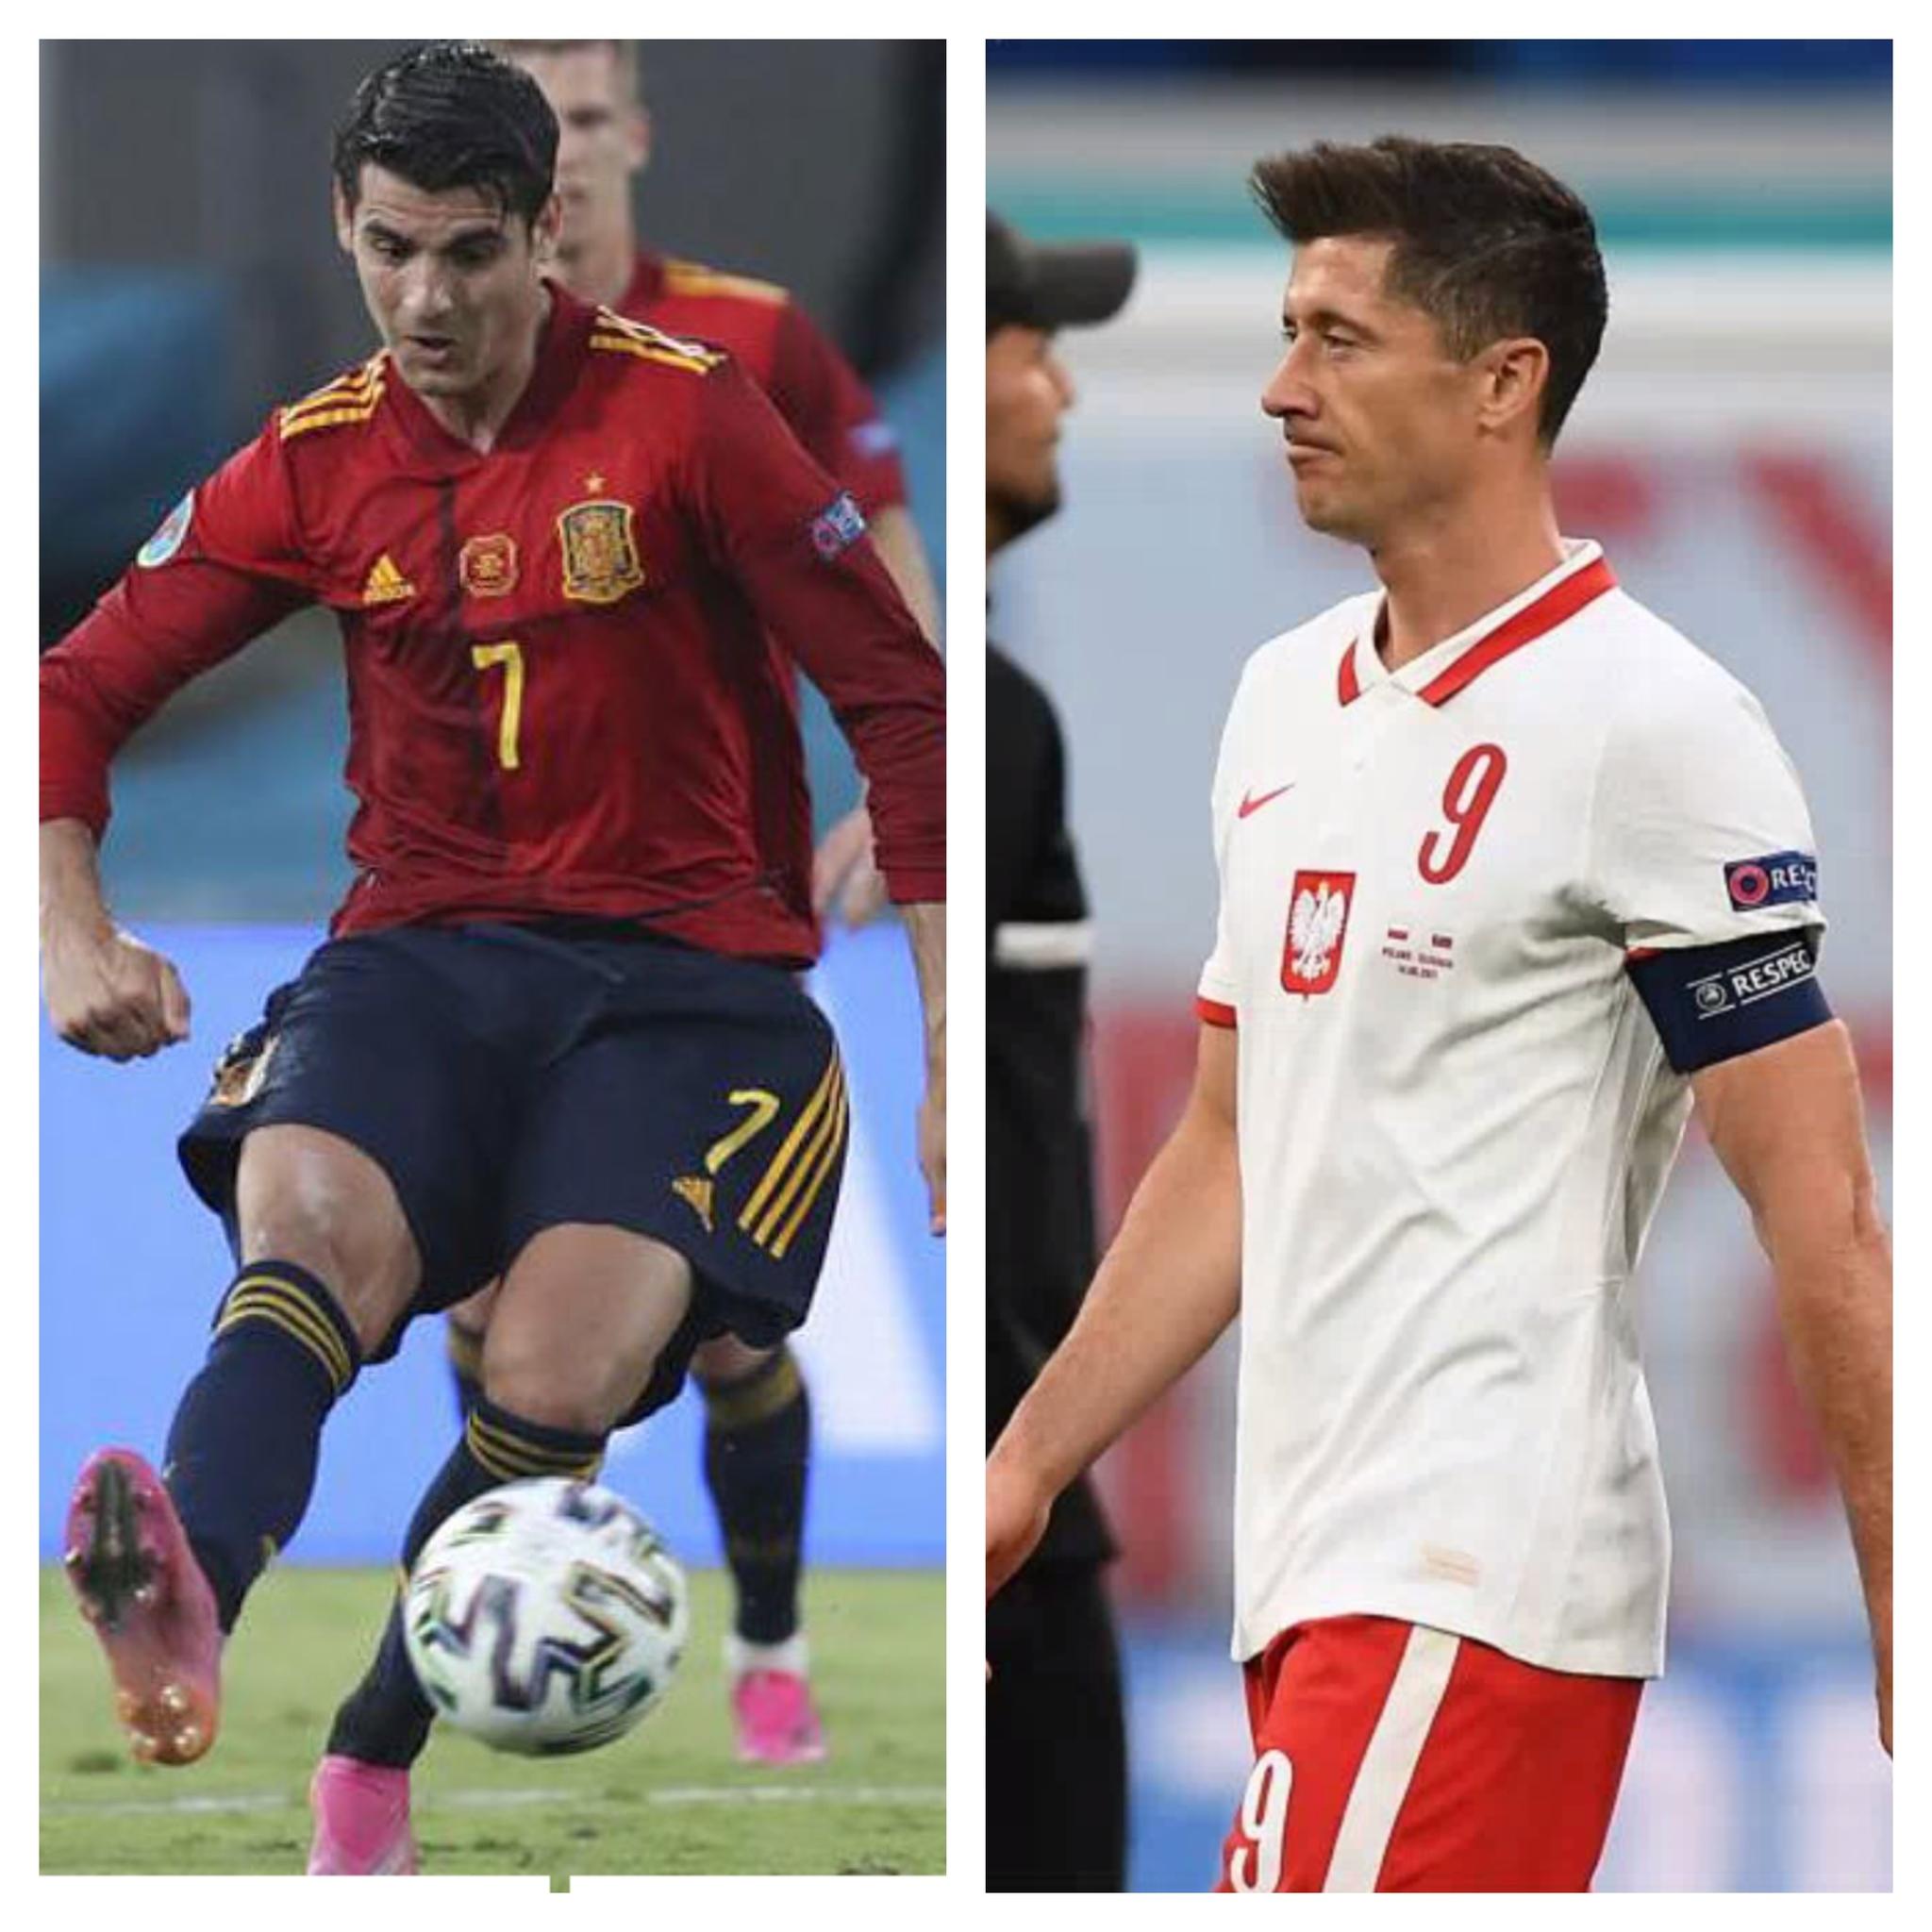 Morata (28) y Lewandowski (32) se verán las caras en el próximo partido.